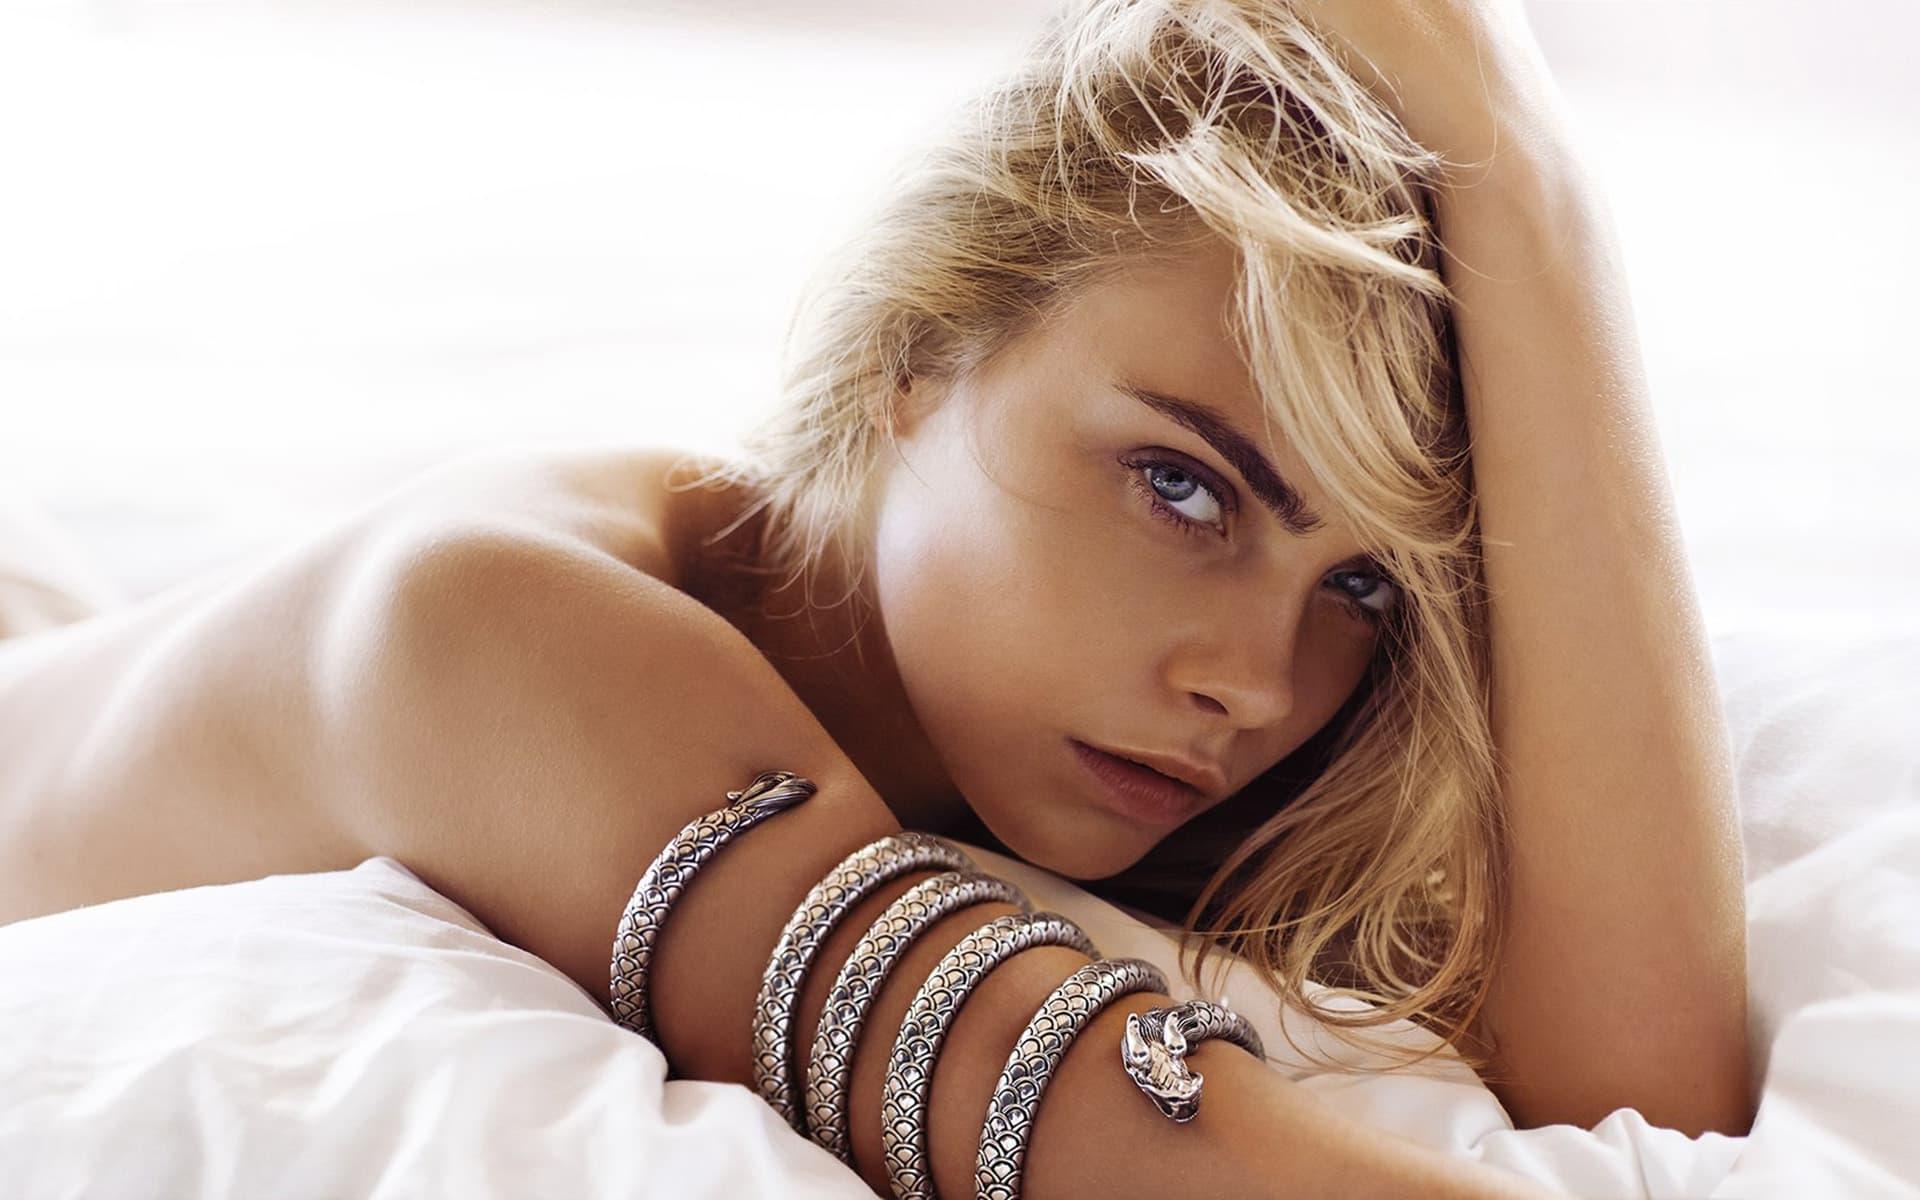 super model cara delevingne wallpaper - photo #3